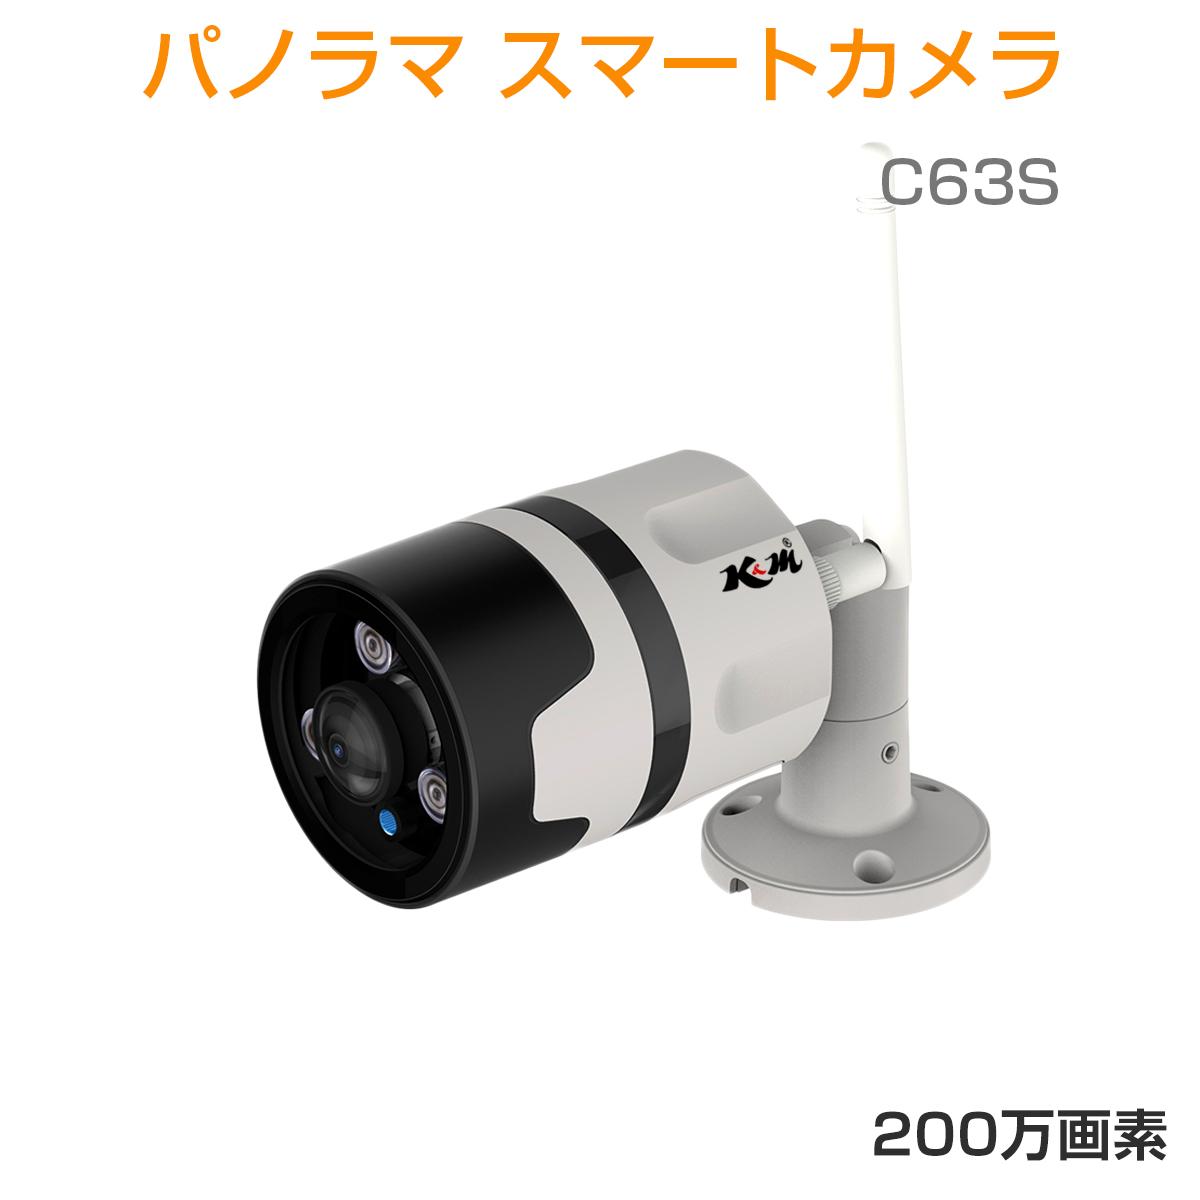 防犯カメラ 200万画素 C63S 魚眼レンズ 360度 ネットワークカメラ ペット ベビー WIFI ワイヤレス 屋外 屋内 MicroSDカード録画 監視 IP WEB カメラ 動体検知 VStarcam 宅配便送料無料 PSE 技適 1年保証 K&M